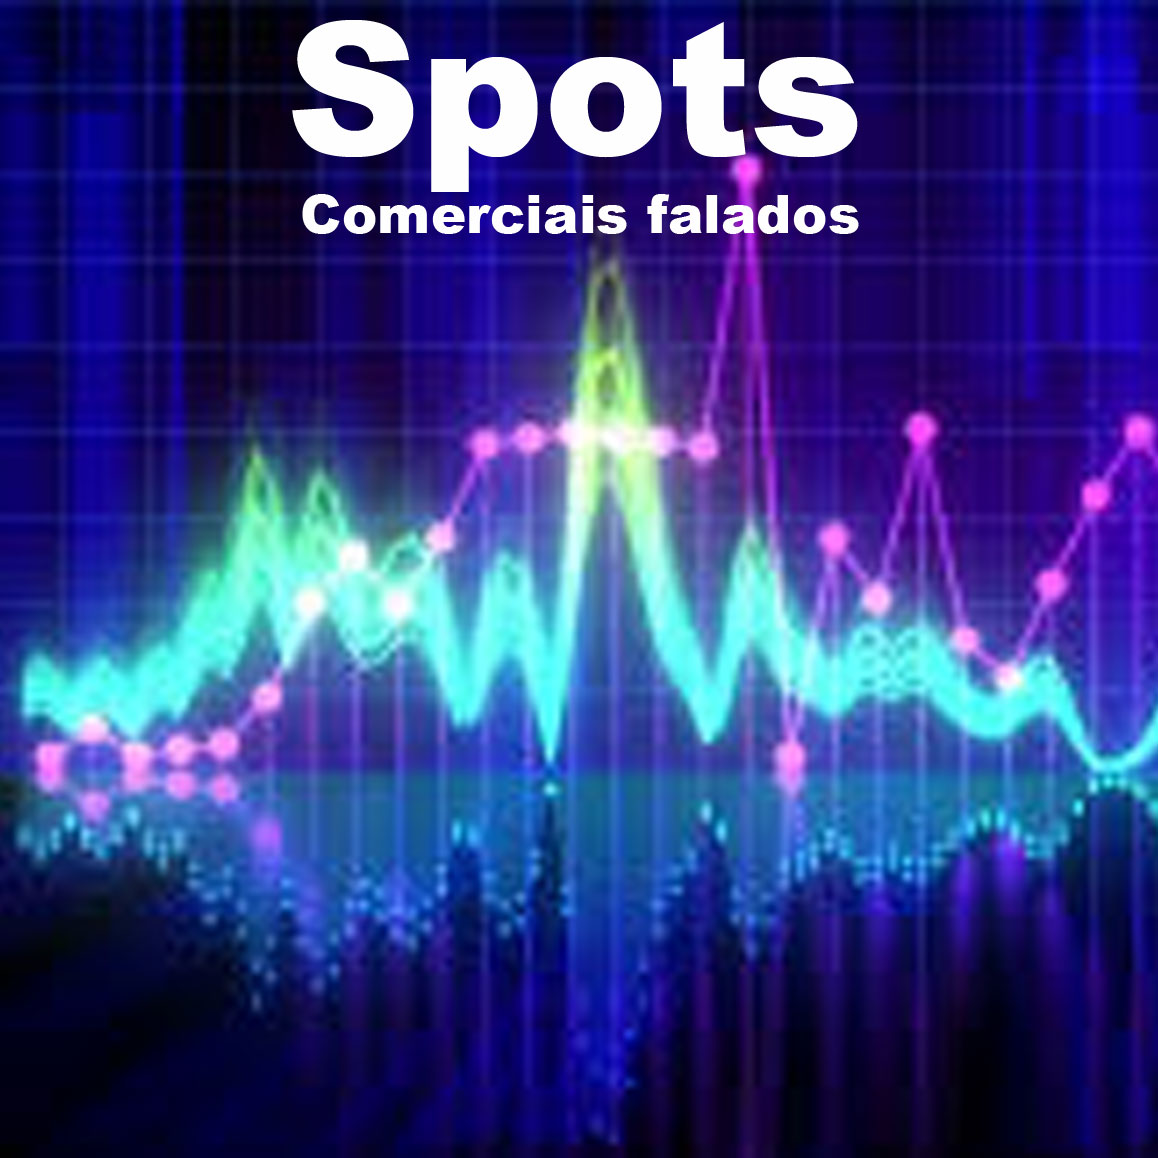 Spots Comerciais falados